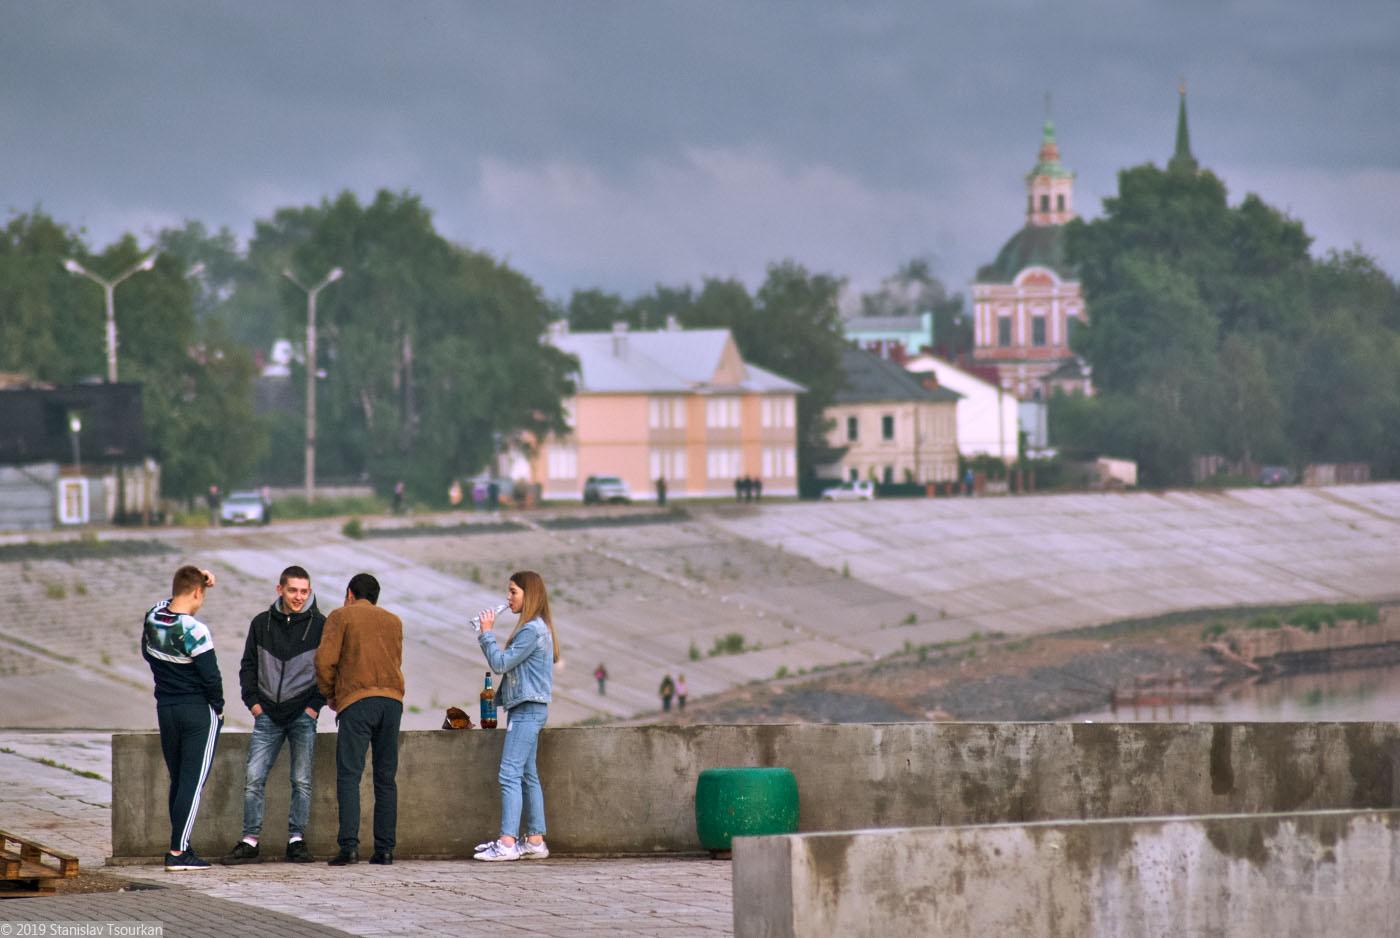 Вологодская область, Вологодчина, Великий Устюг, Русский север, молодёжь, день молодёжи